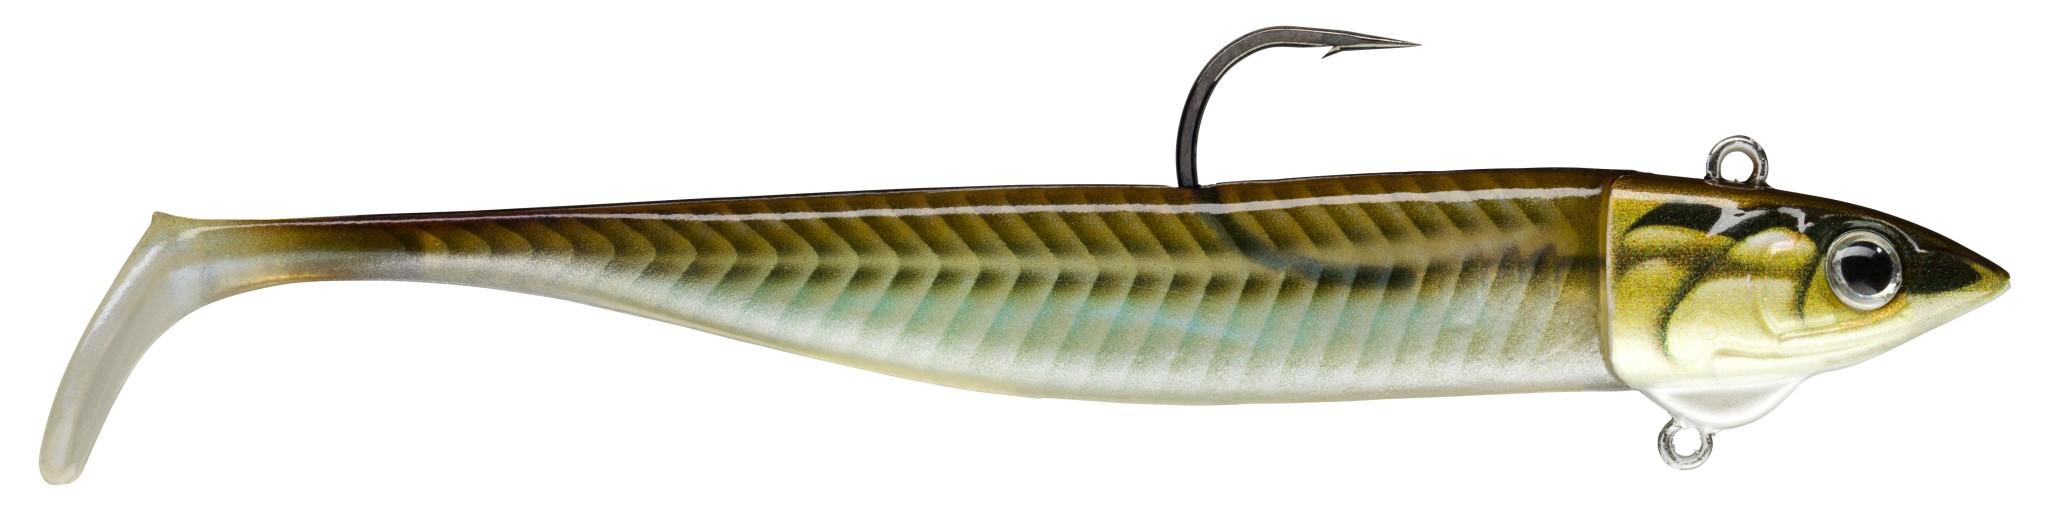 Storm Biscay Minnow 12cm Sandeel 30g